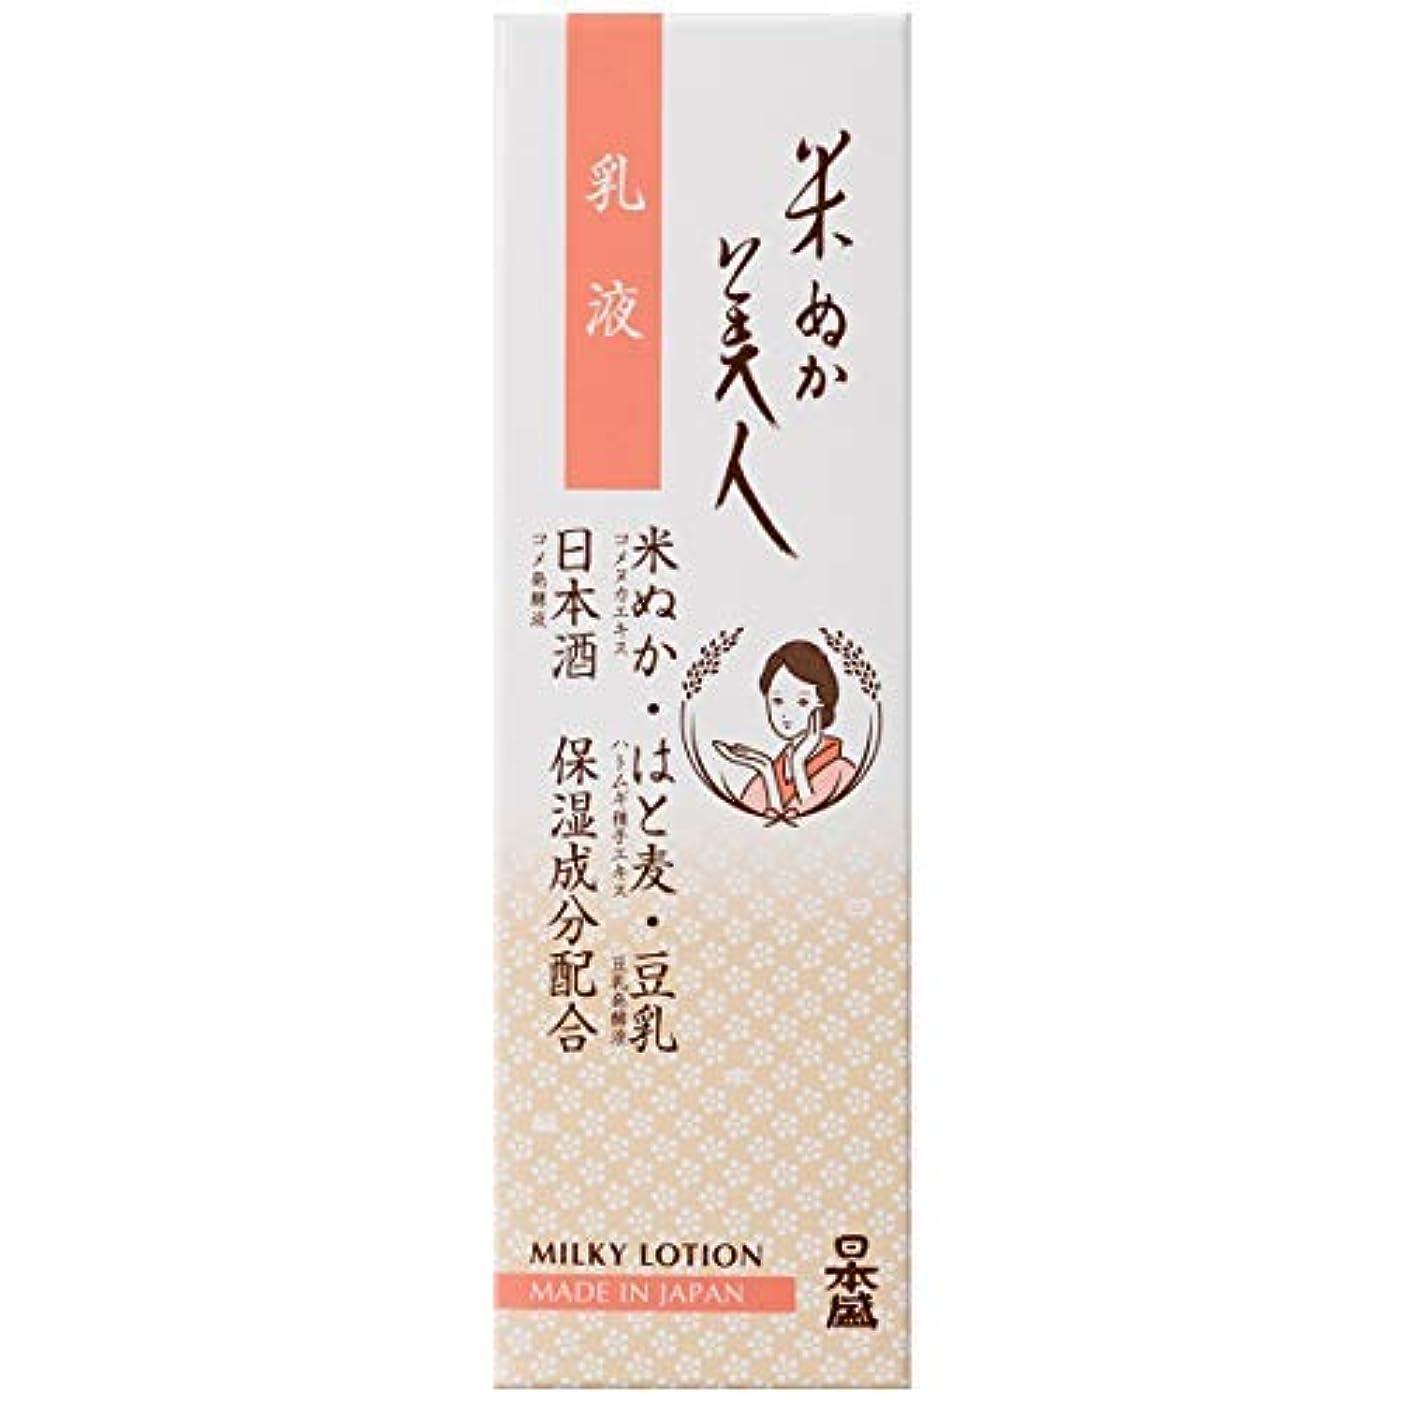 ずっとあえぎ汗米ぬか美人 乳液 × 2個セット